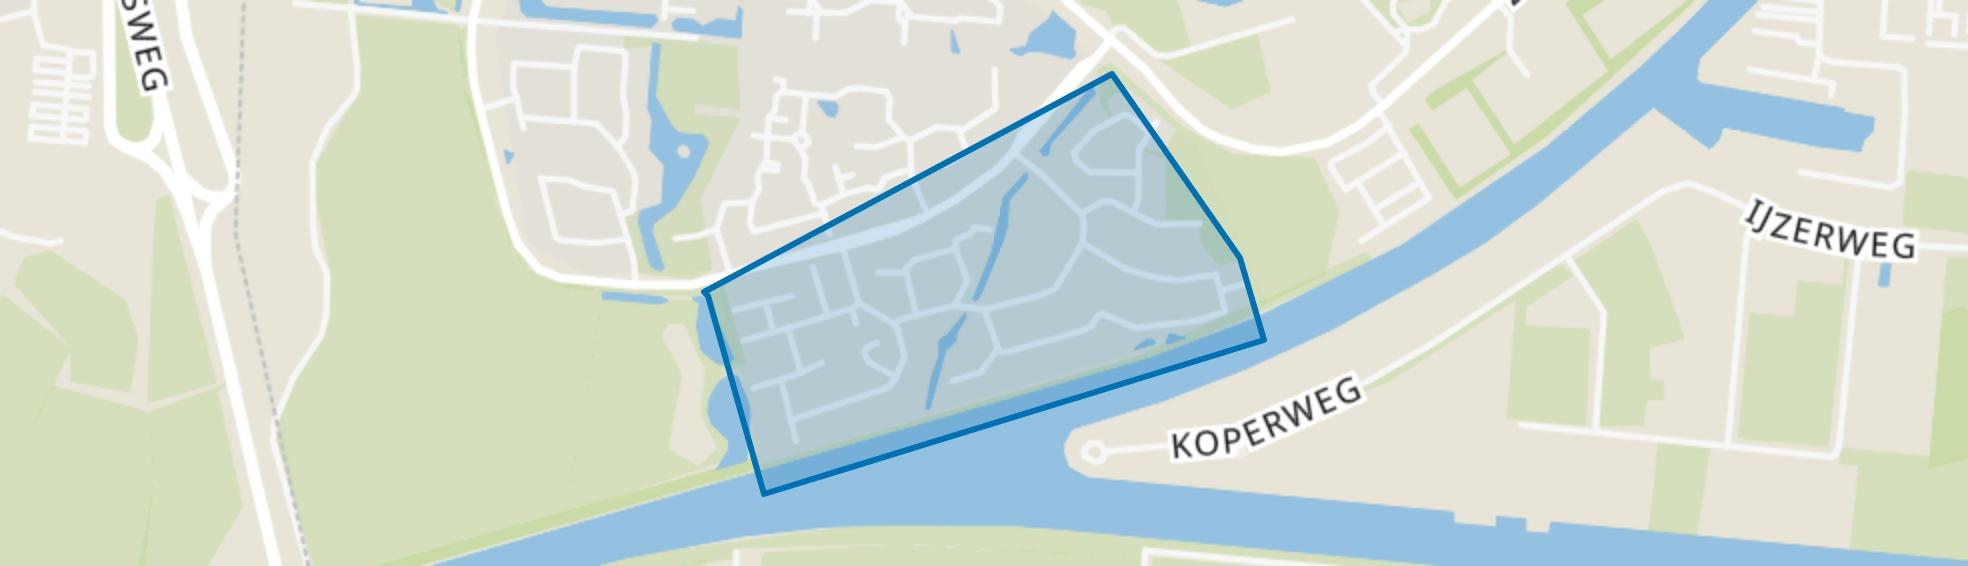 Vogelbuurt, Delfzijl map